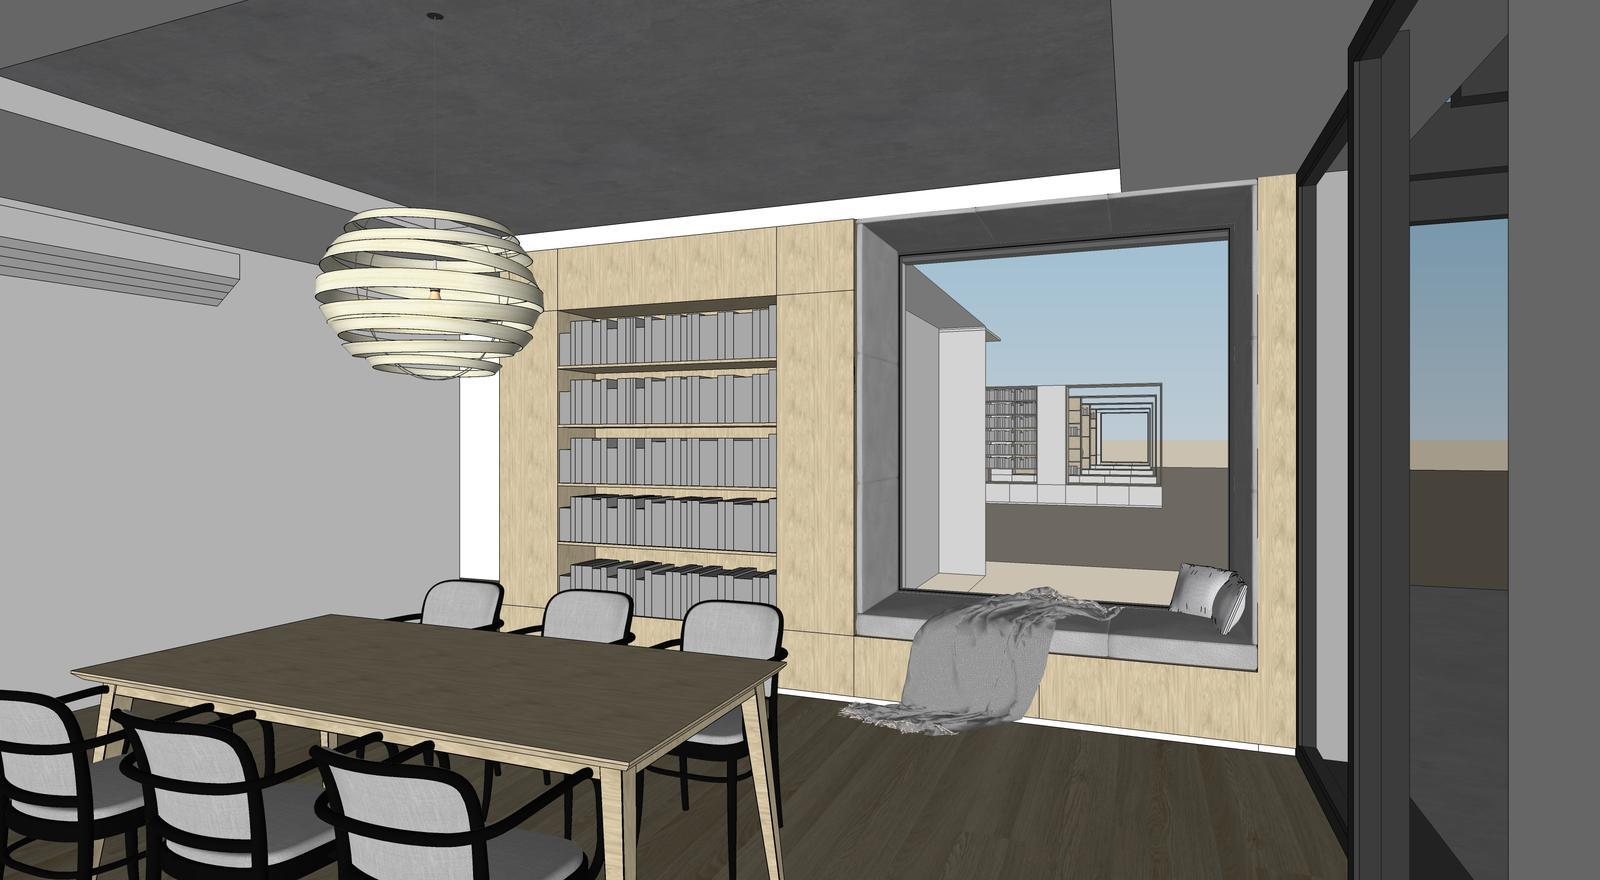 Obývačka- knižnica, sedília a pracovné miesto - Mame x variant a nevedeli sme sa vobec zhodnut. Drahy chcel vsetko cierne, ja biele, nakoniec budeme mat kompromis.